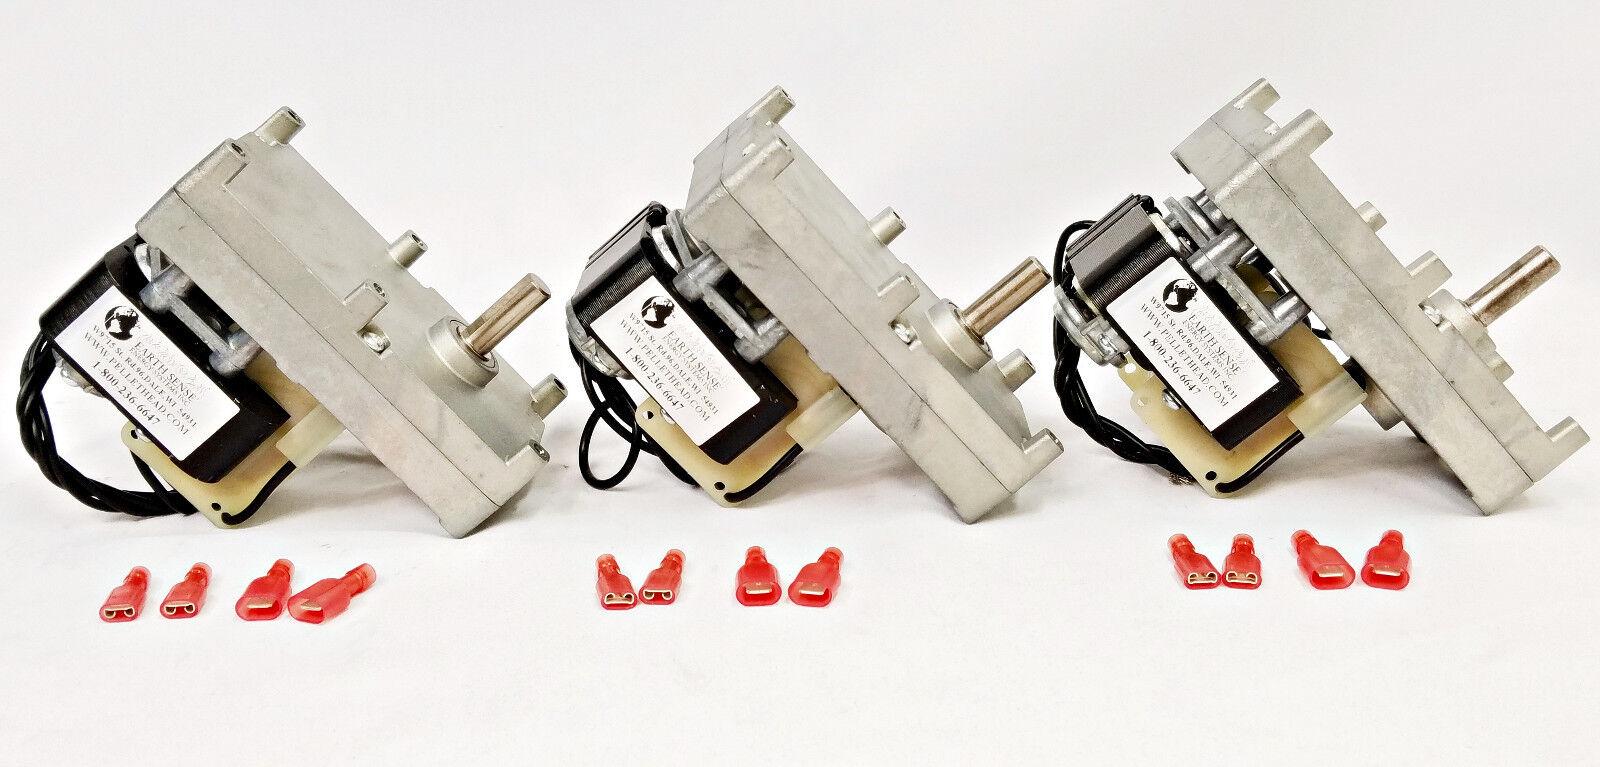 Motor de alimentación Englander Pellet Barrena - 3 Paquete  - el Mejor Precio-PU-047040 - PH-CCW1